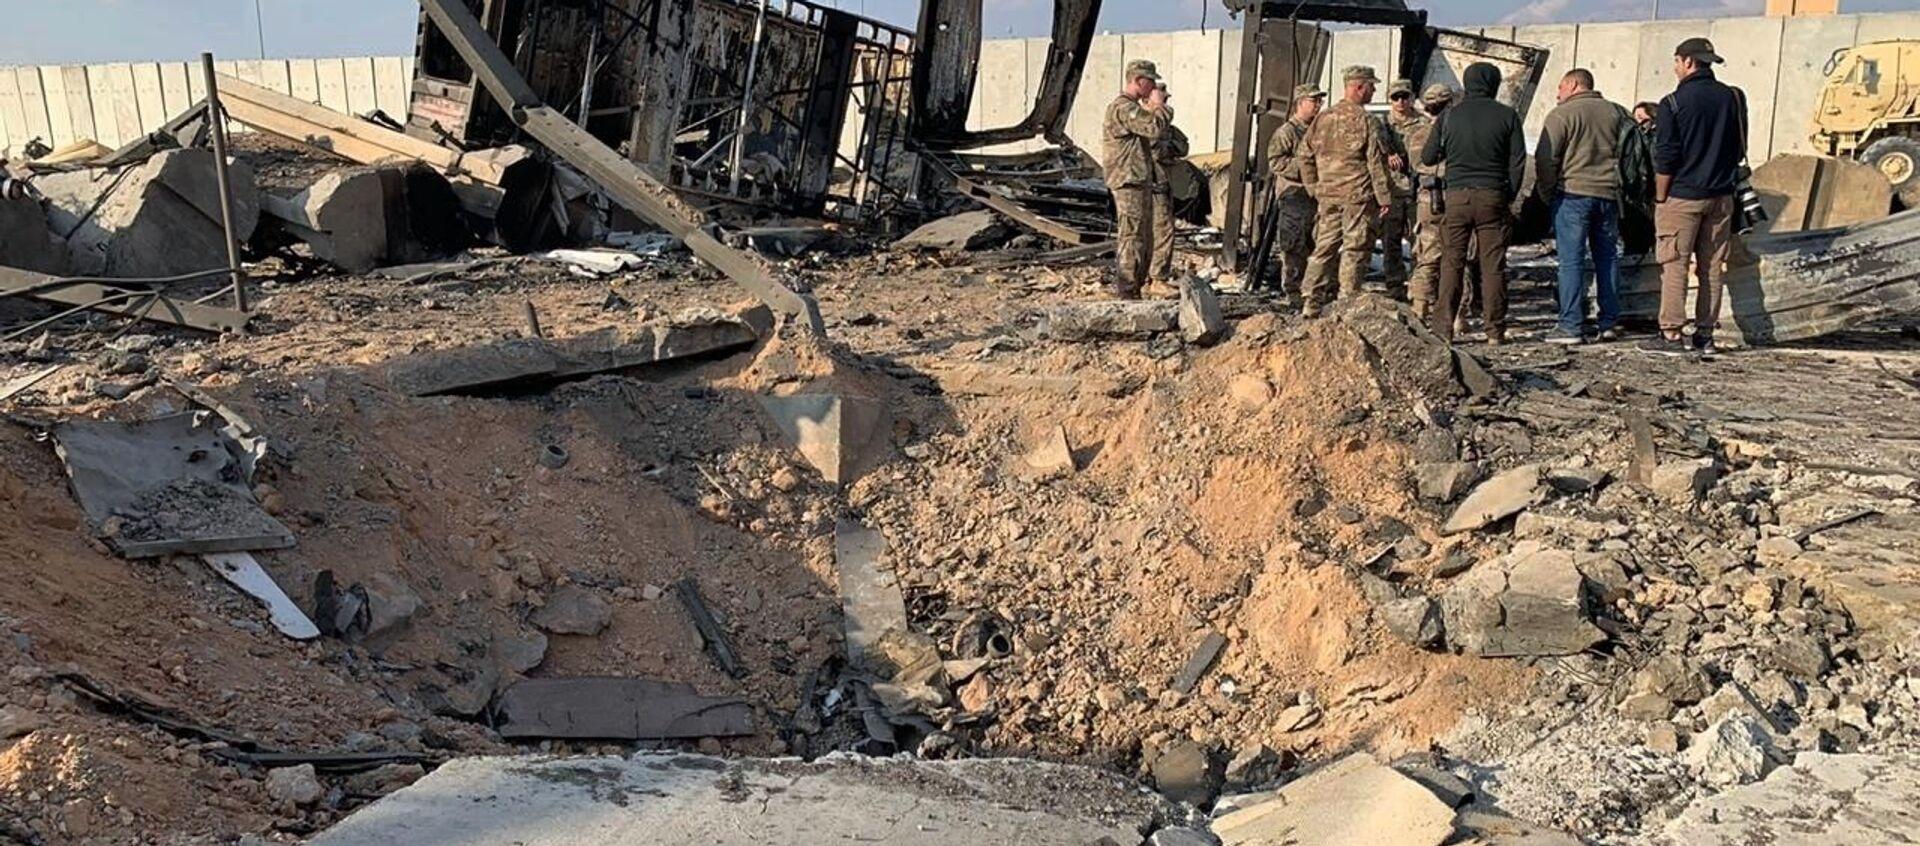 Các quân nhân Mỹ tại hiện trường vụ tấn công tên lửa vào căn cứ quân sự Ain al-Asad ở Iraq - Sputnik Việt Nam, 1920, 05.07.2021